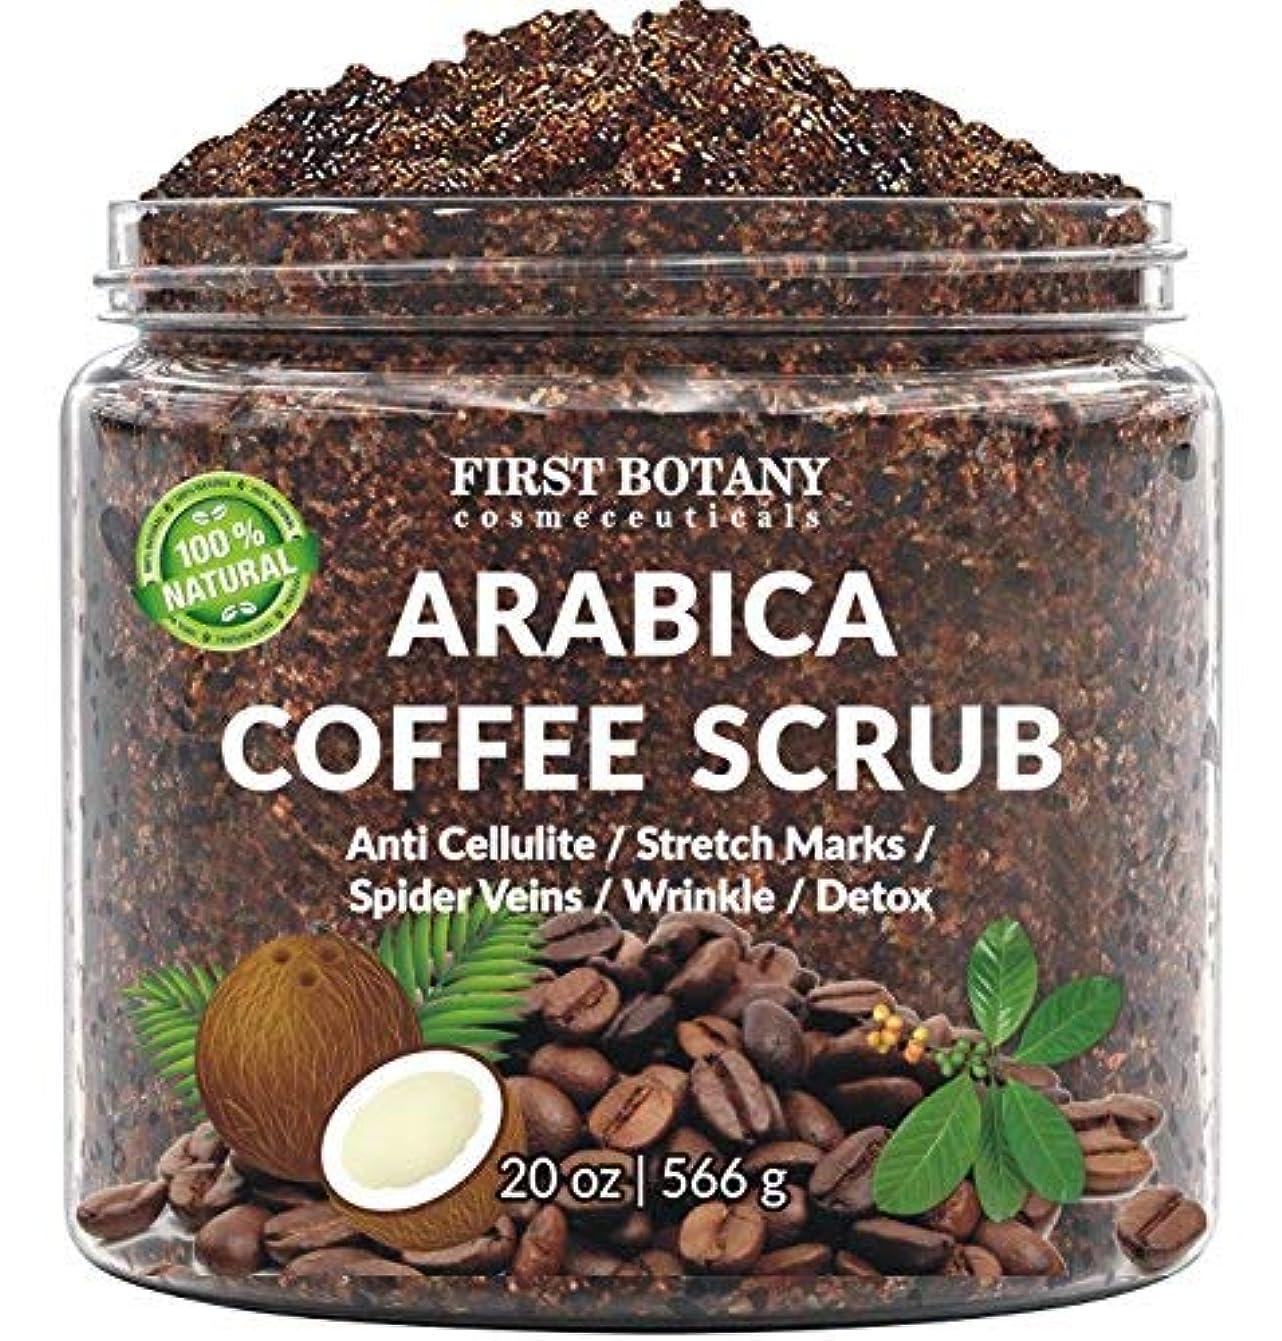 自信があるあいまい注釈を付ける100% ナチュラル アラビカ コーヒースクラブ with 有機コーヒー、ココナッツ、シアバター | ボディースクラブクリーム [海外直送品] (566グラム)